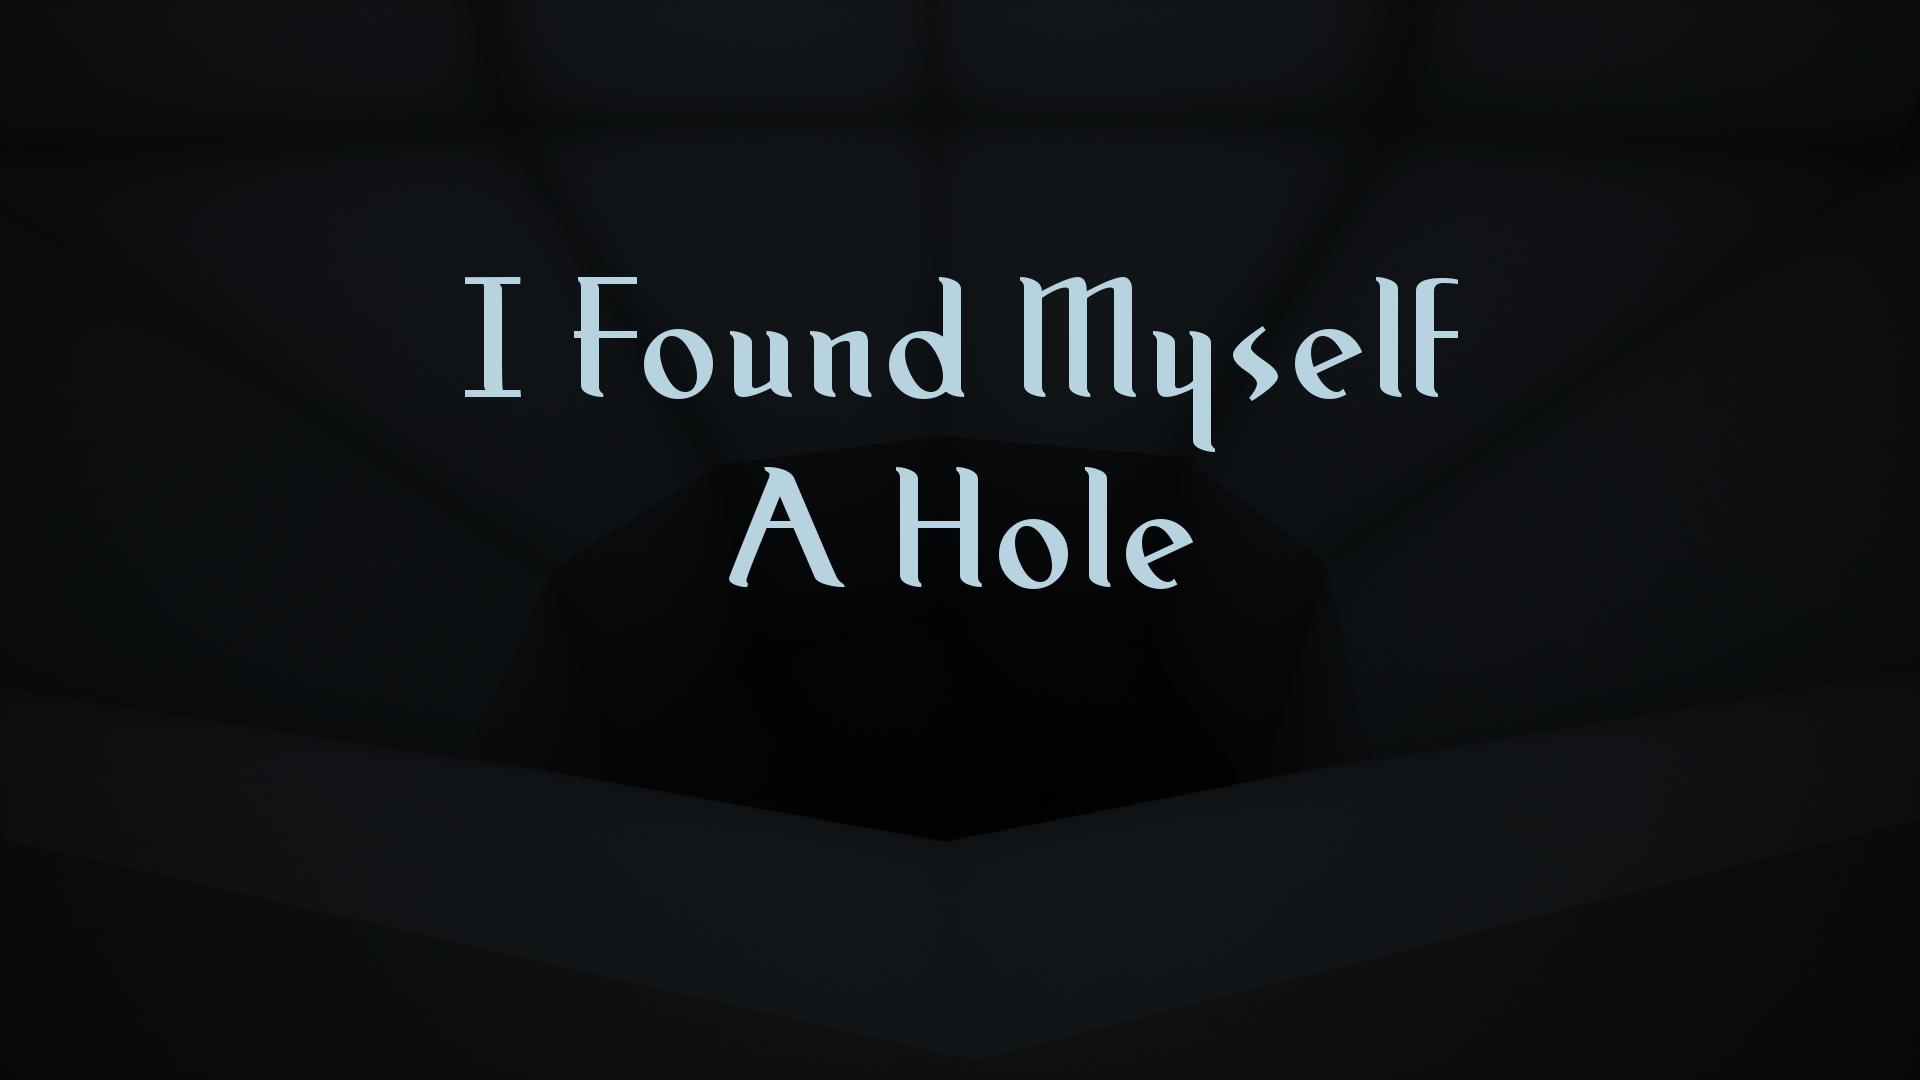 I Found Myself A Hole